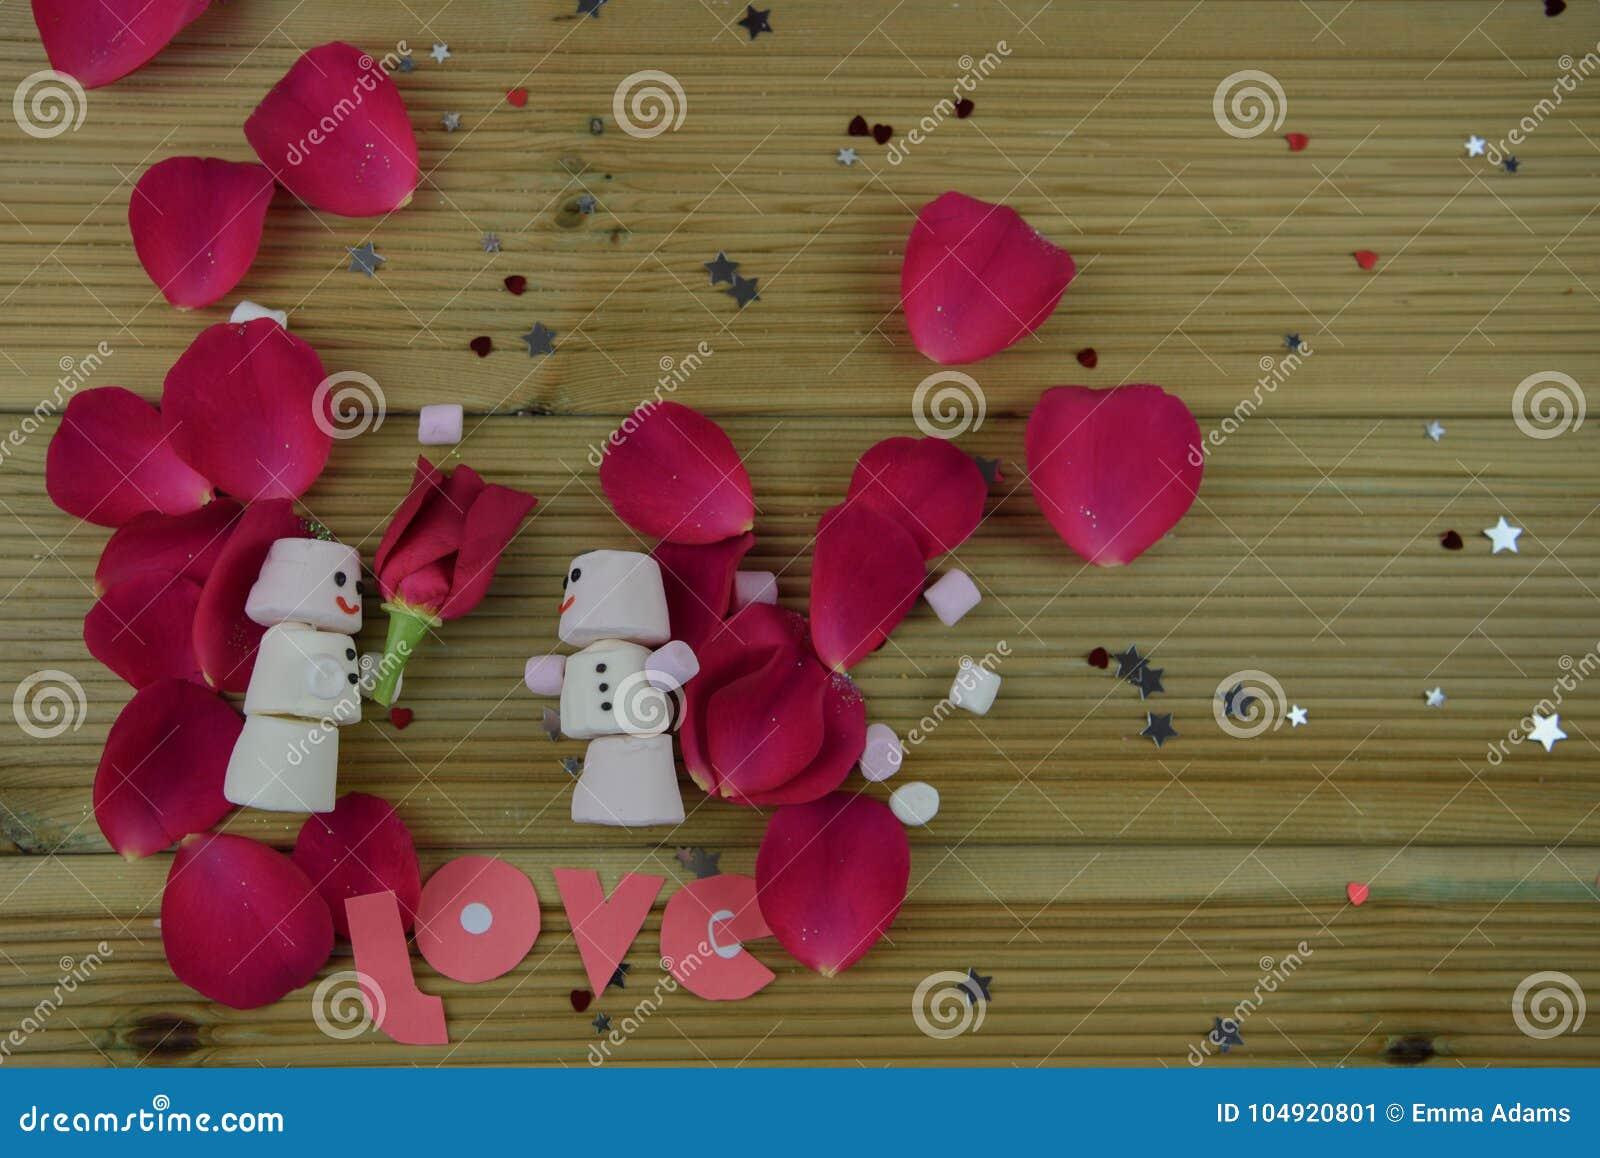 浪漫冬天季节摄影图象用作为与微笑的雪人被塑造的蛋白软糖冰了和拿着一朵红色玫瑰花